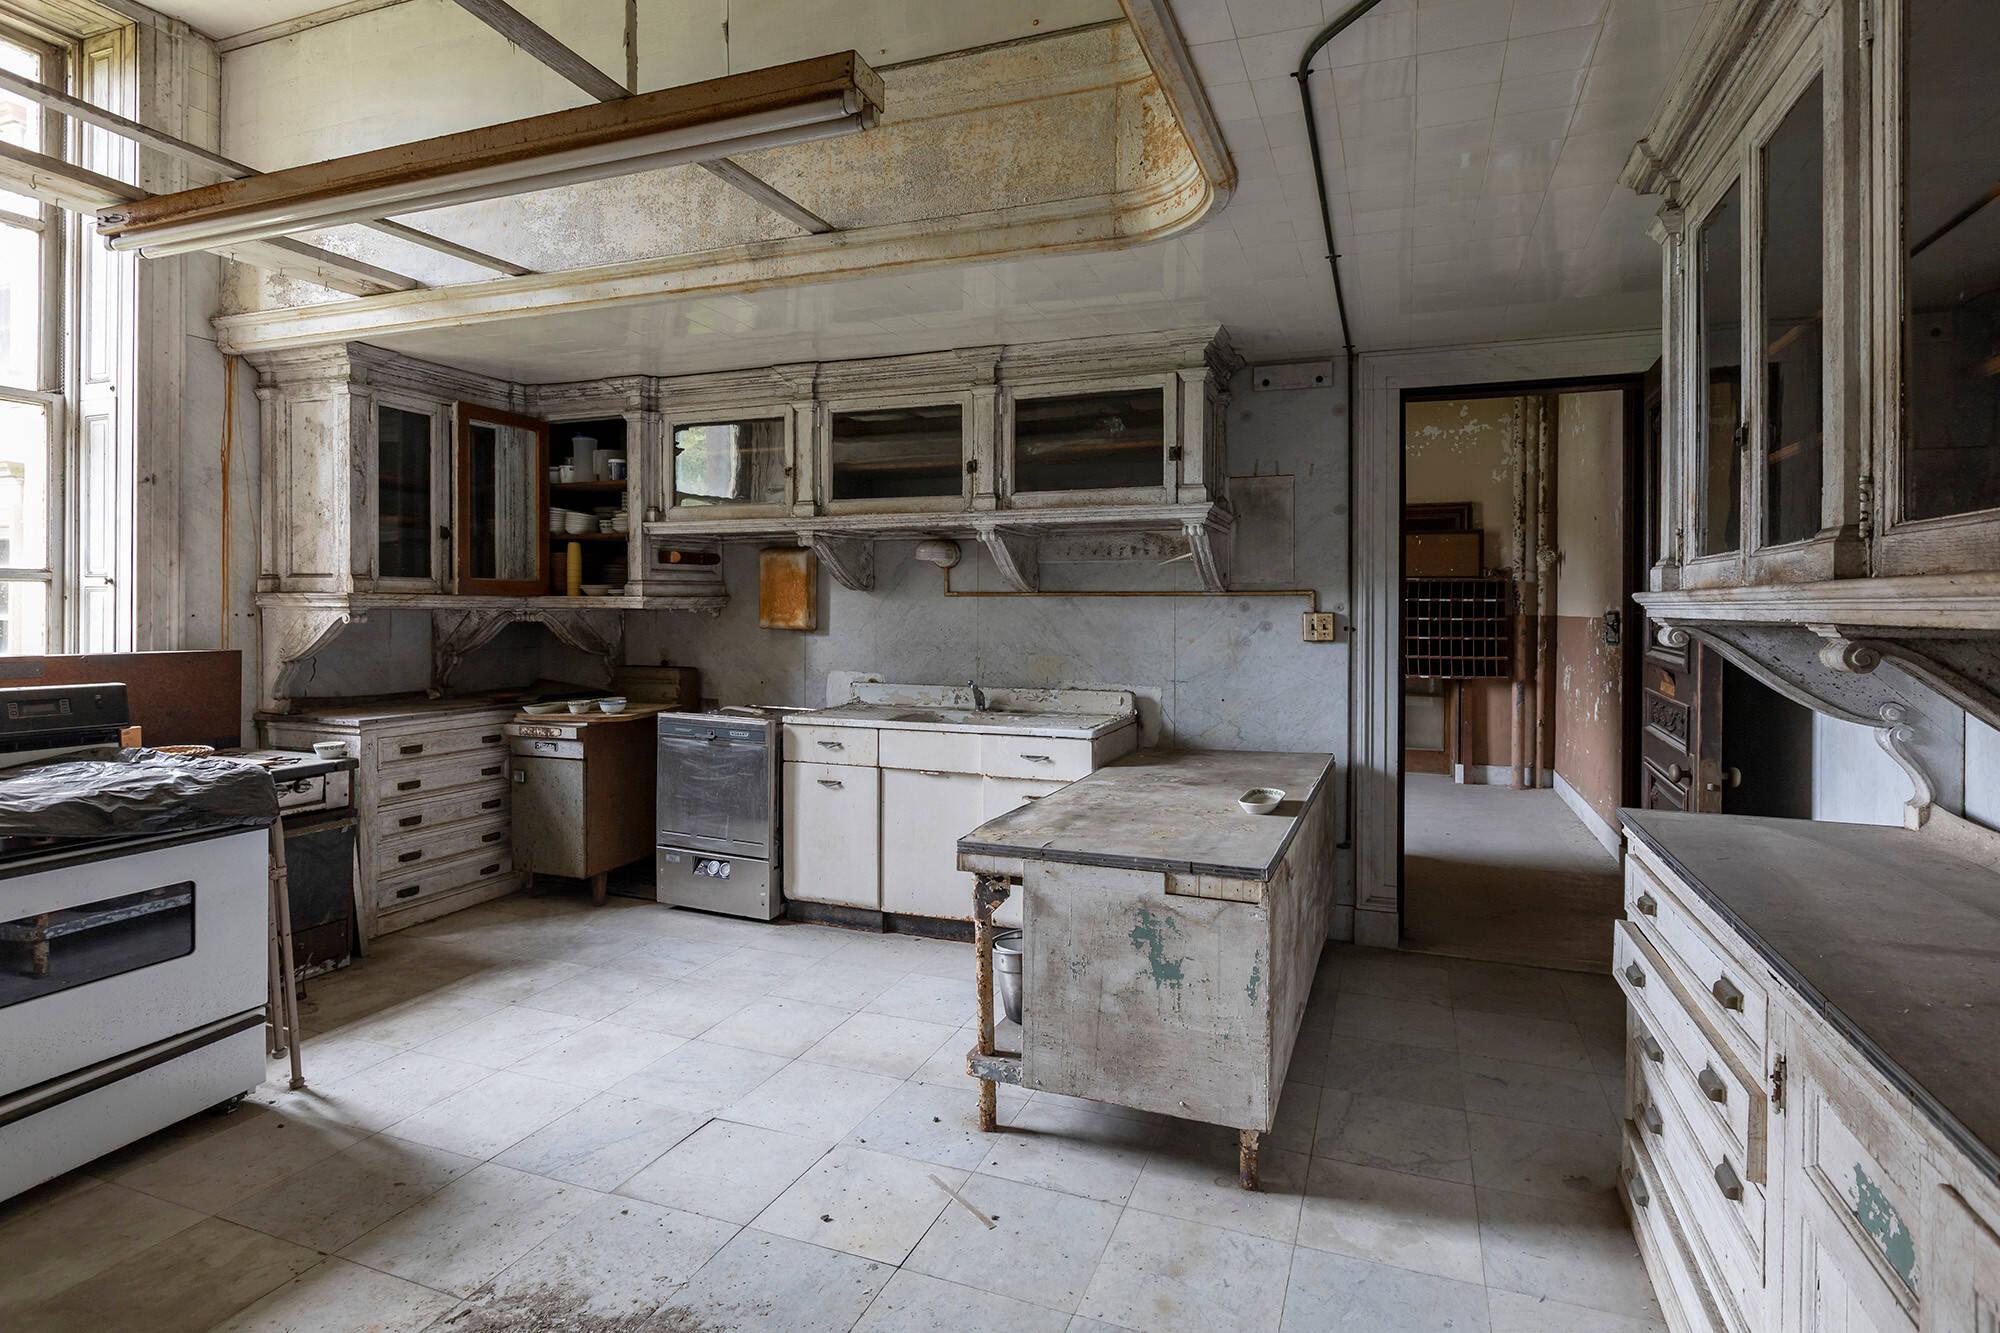 Cozinha. Foto: Reprodução/ Abandoned Southeast